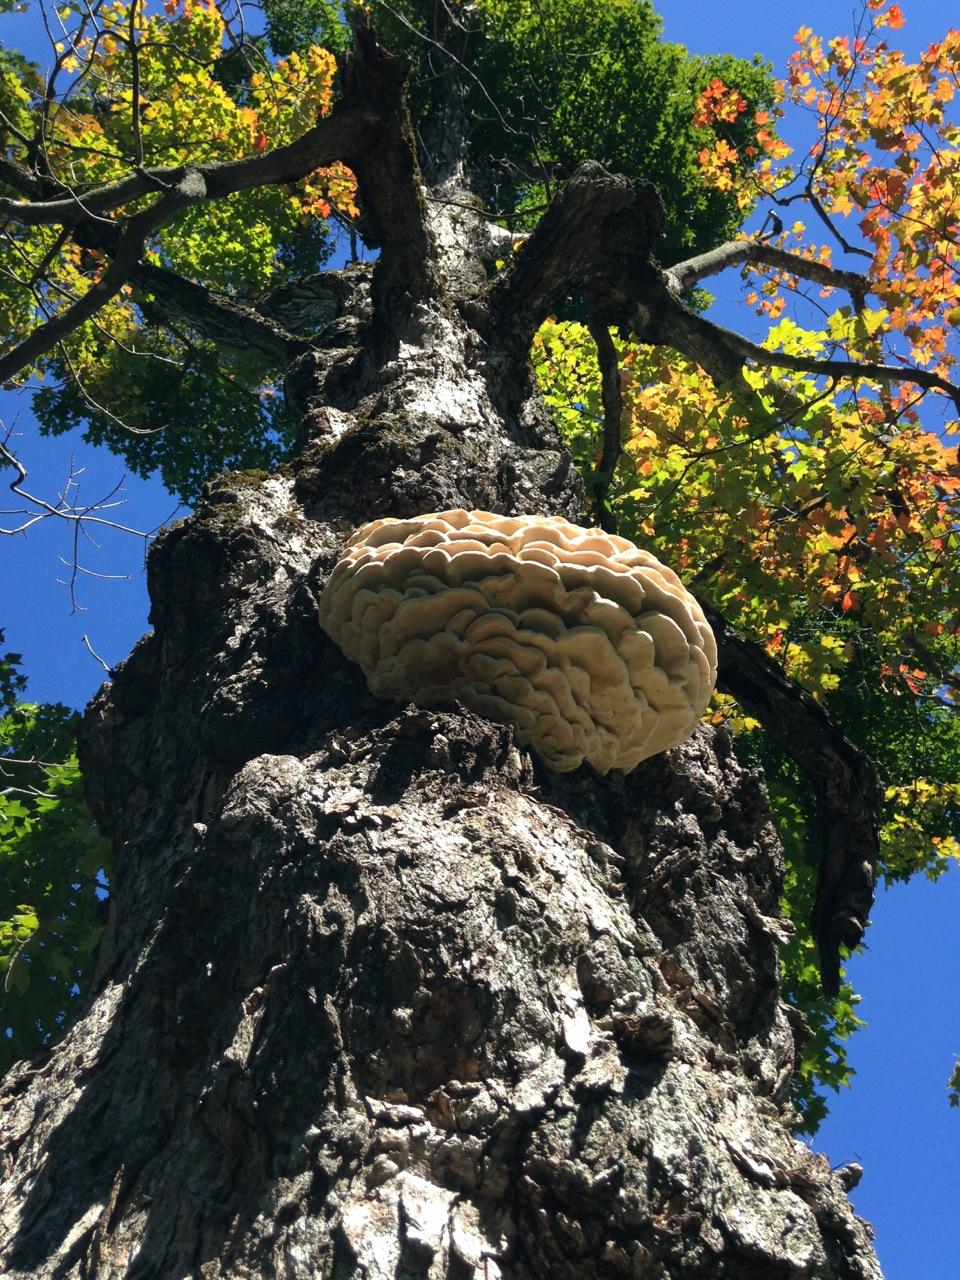 Northern Tooth mushroom